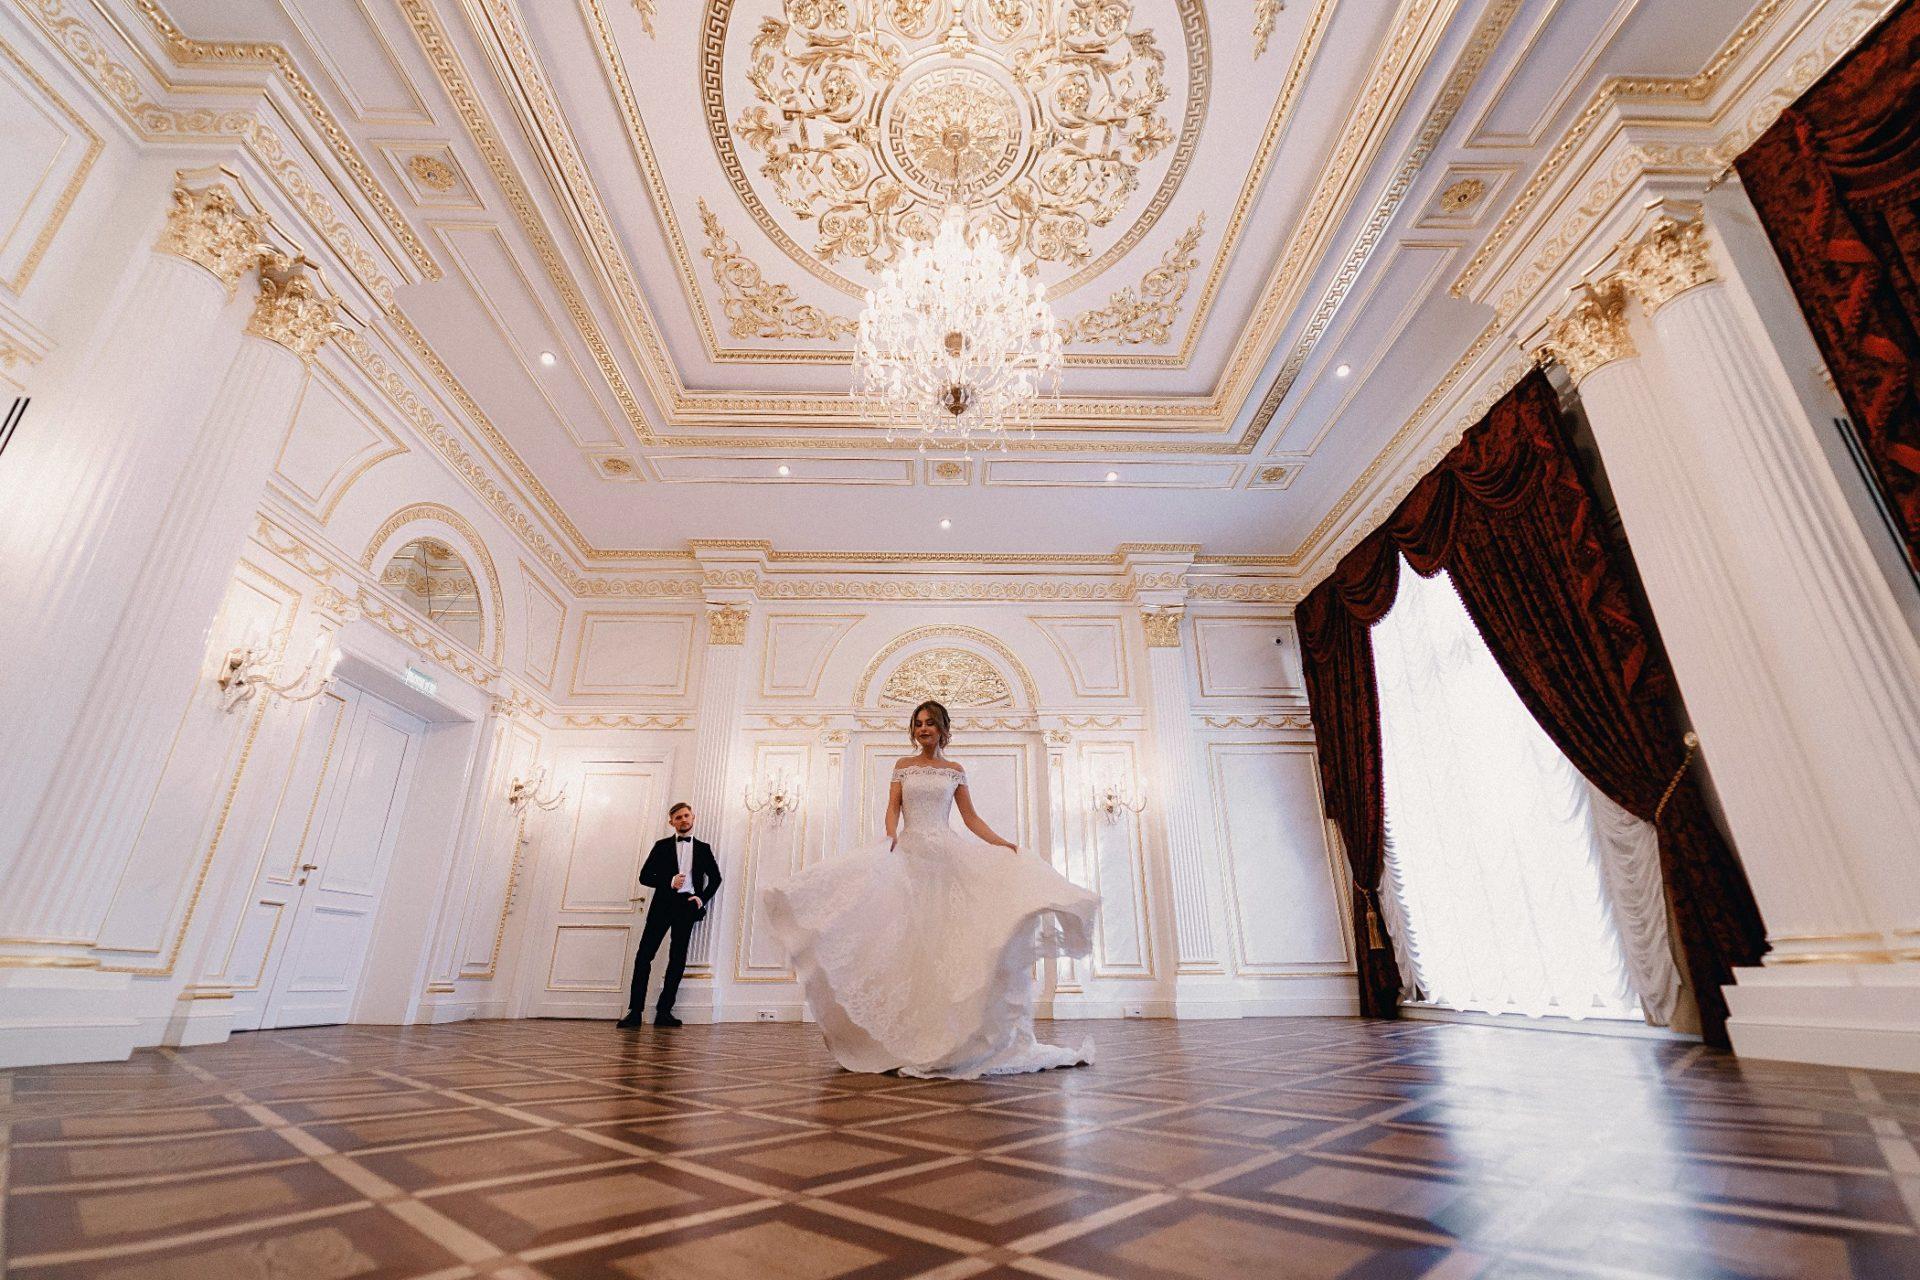 это отель эрмитаж спб свадебная фотосессия знаки безопасности